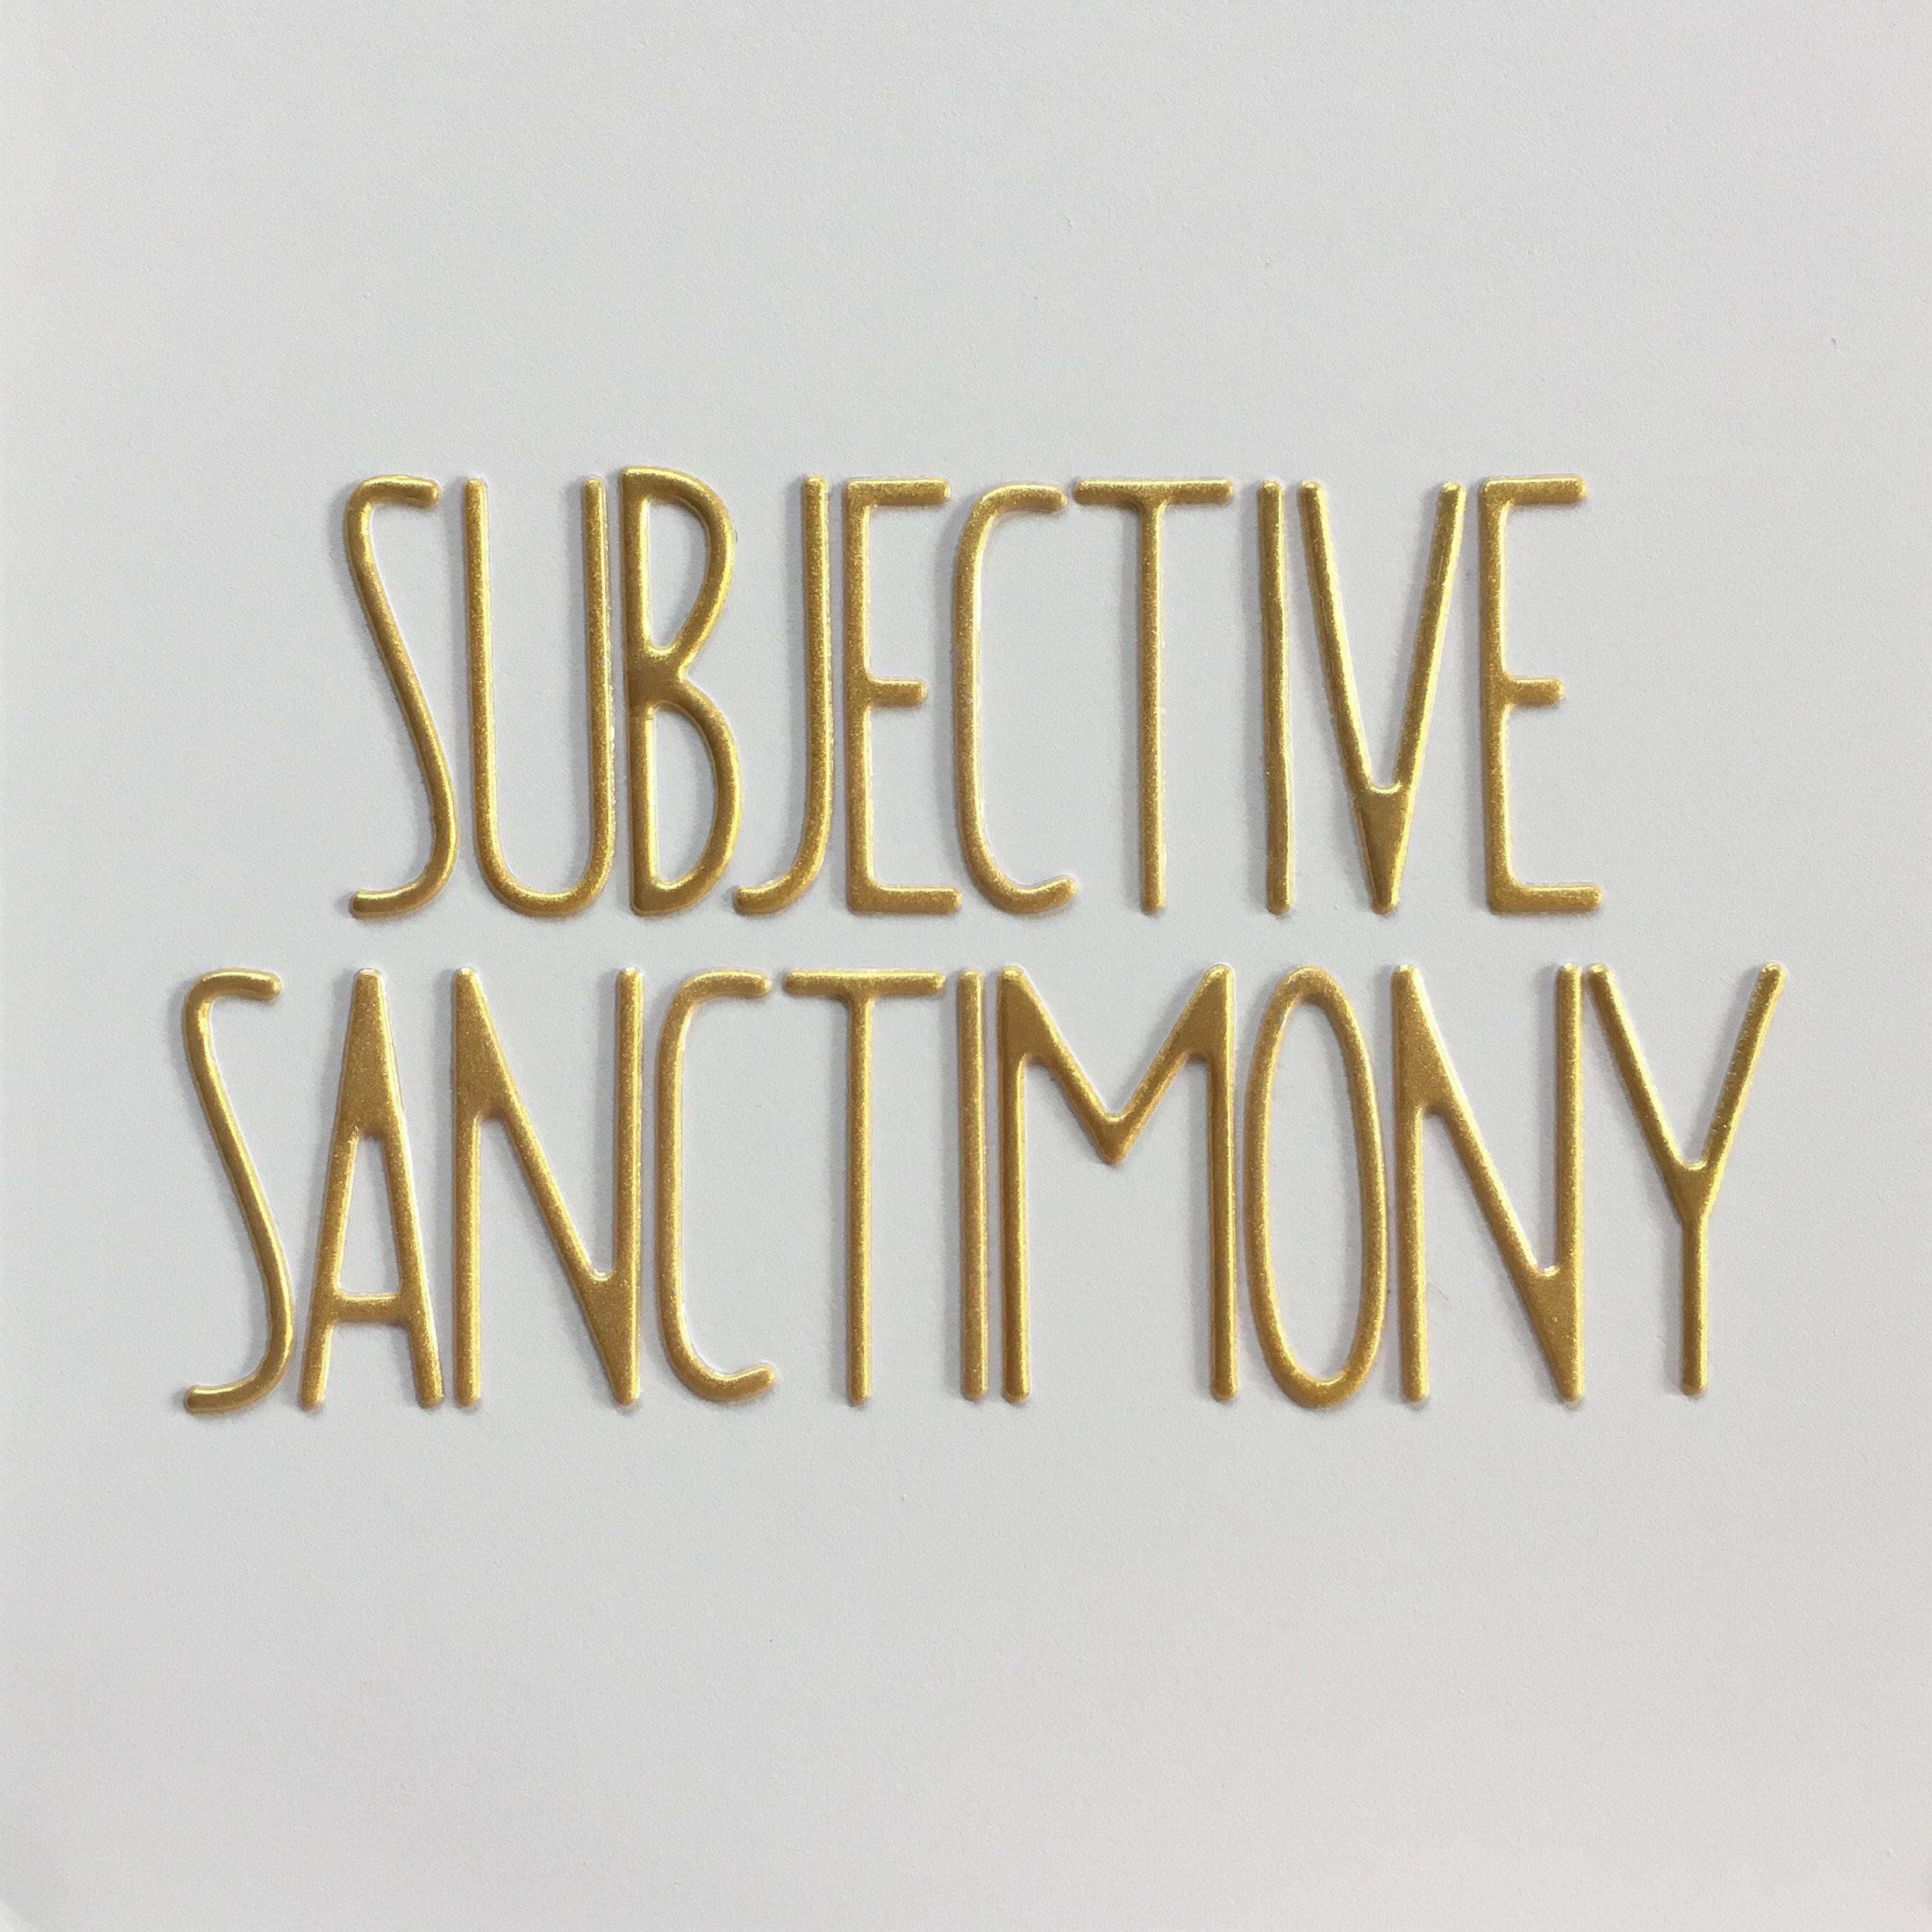 subjective sanctimony.jpg